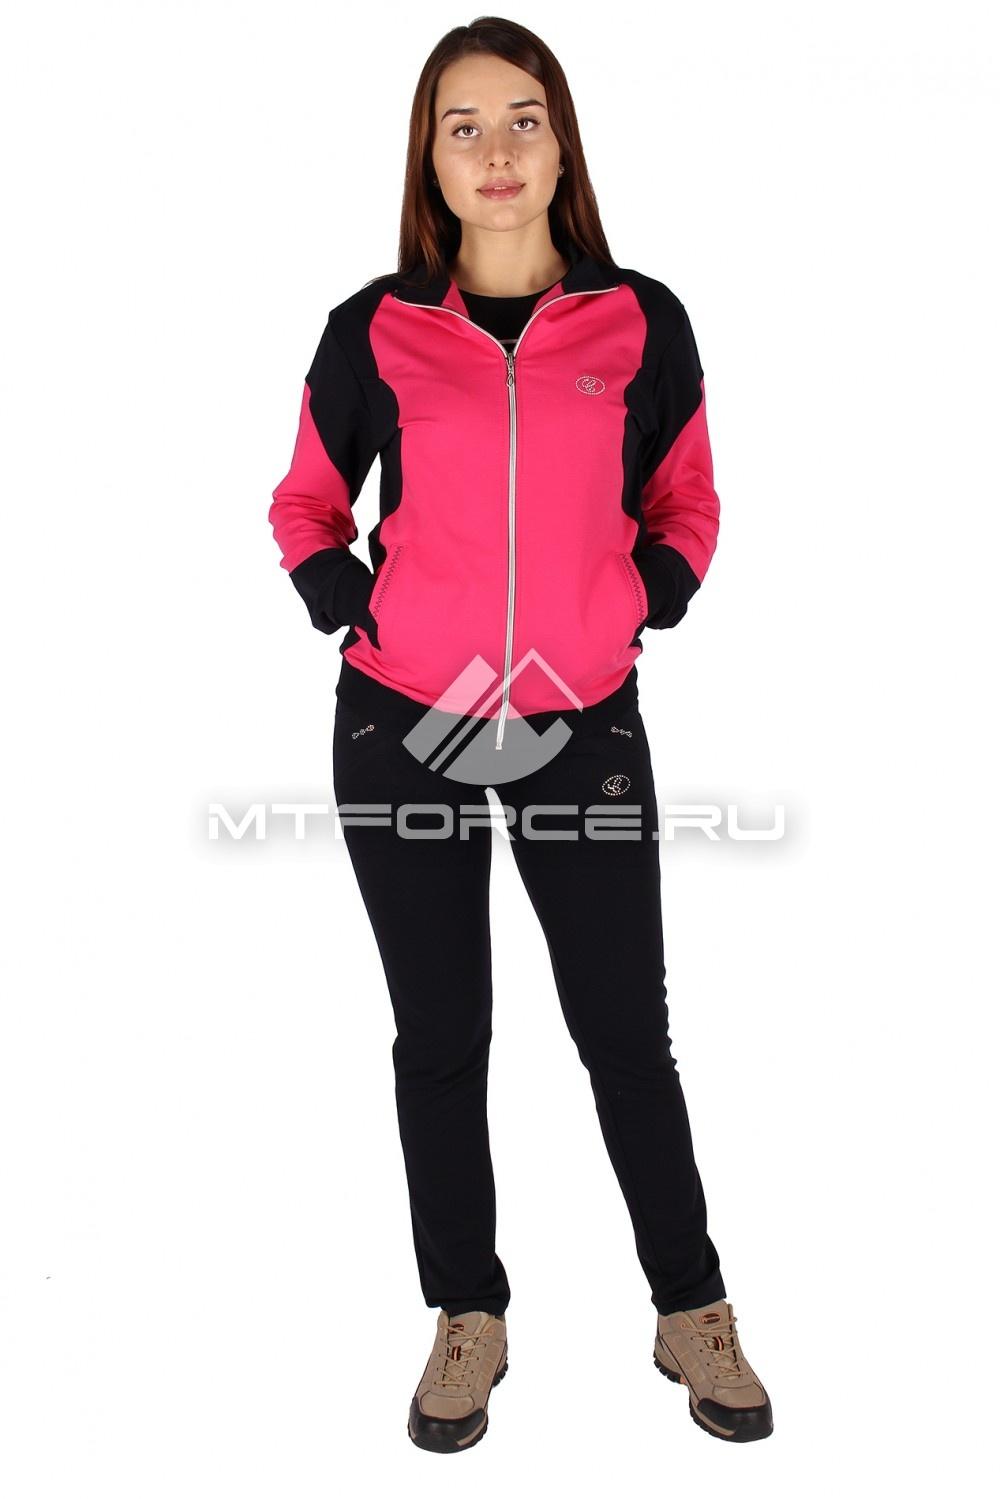 Купить                                  оптом Спортивный трикотажный костюм женский розового цвета 0050R в Новосибирске